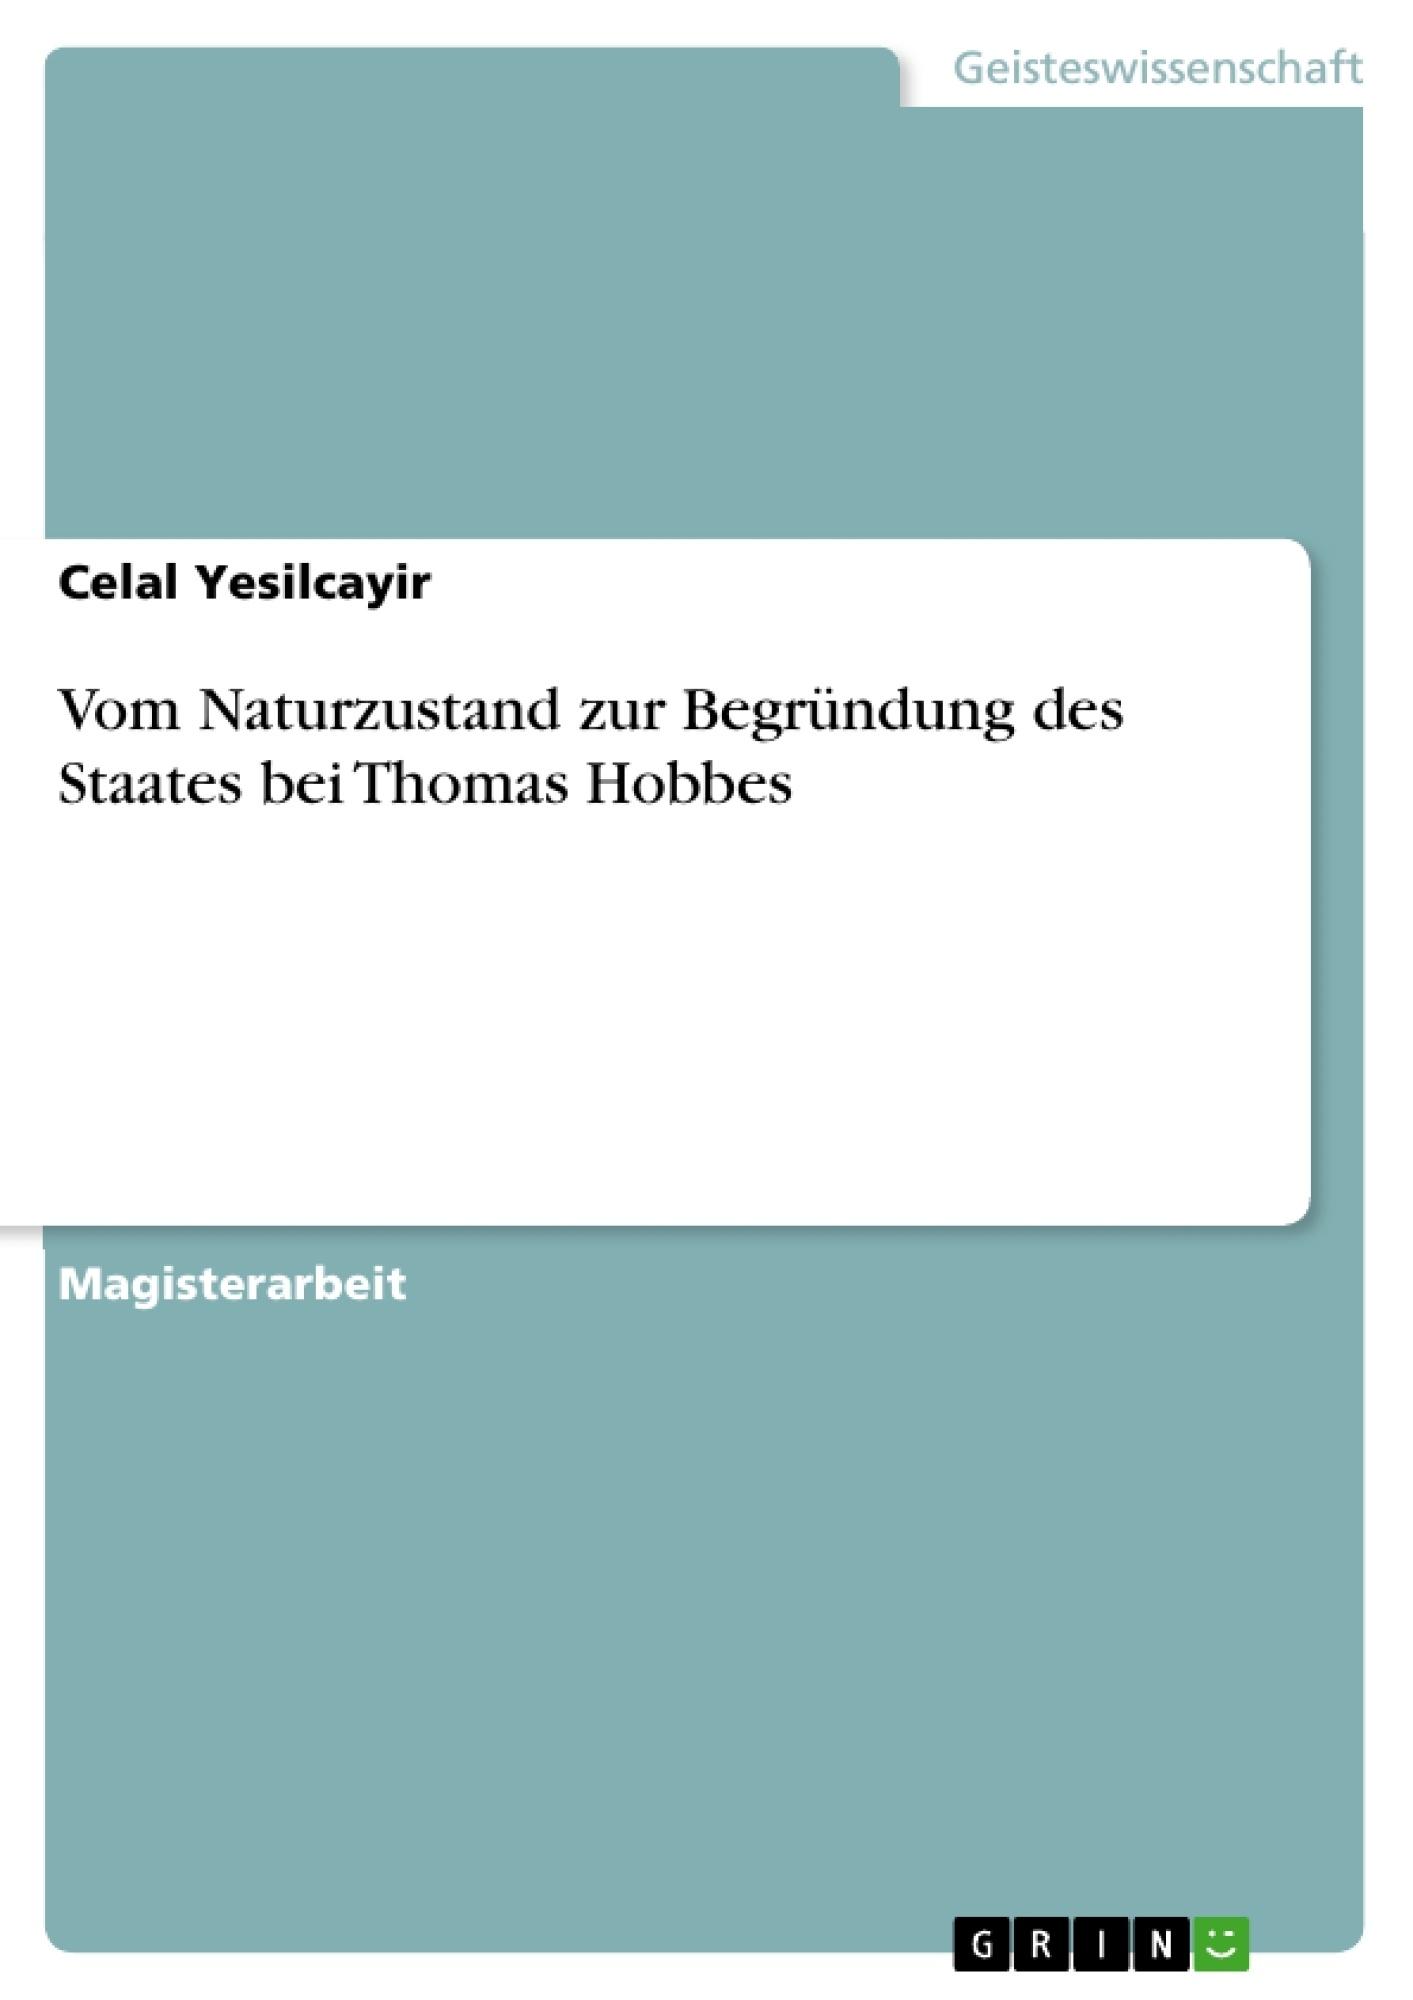 Titel: Vom Naturzustand zur Begründung  des Staates  bei Thomas Hobbes